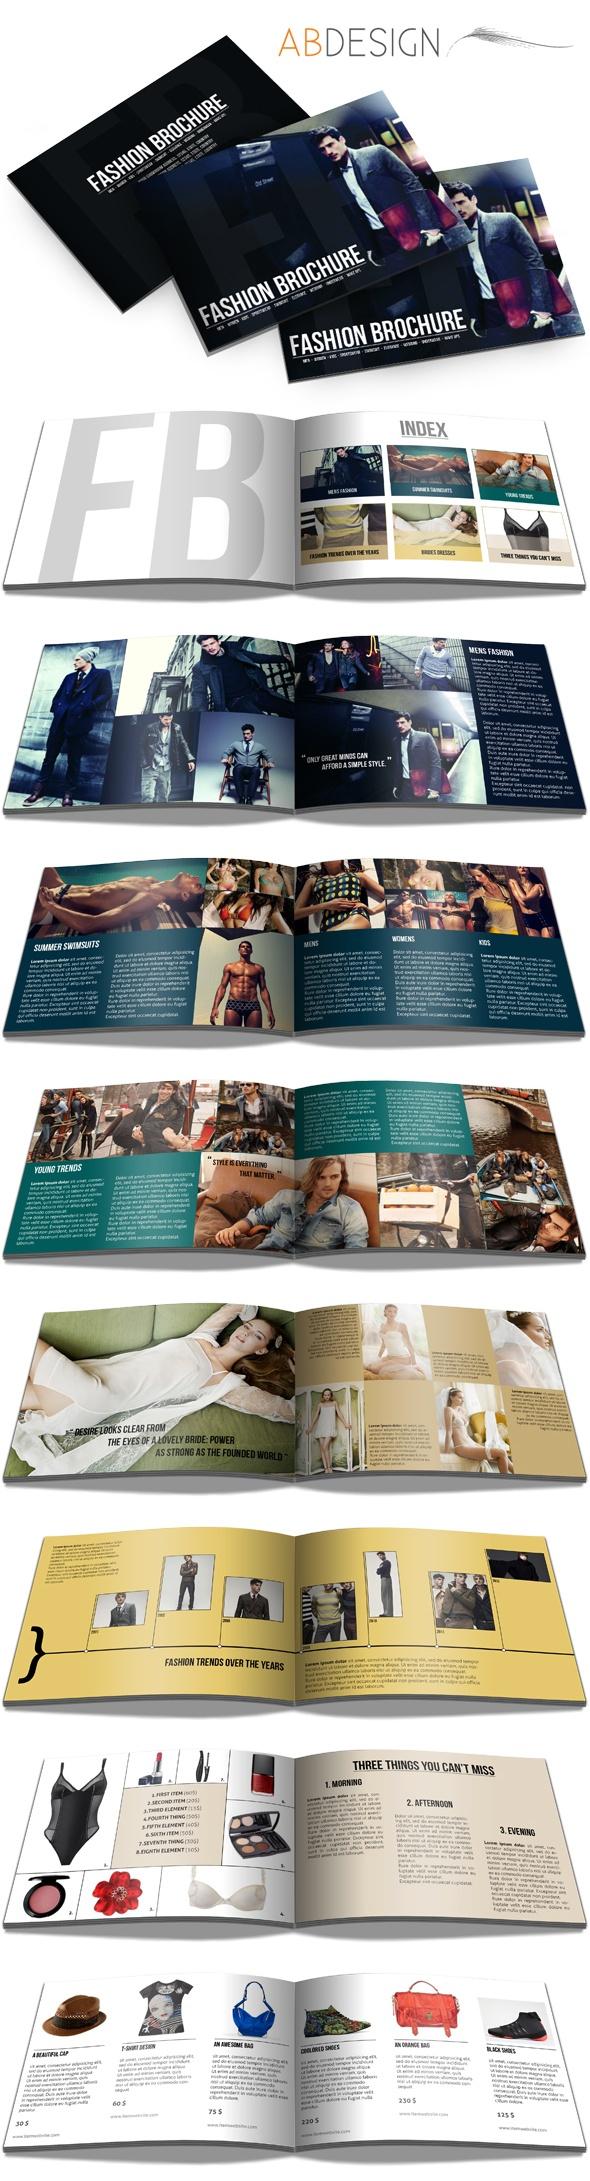 A5 Brochure / Catalogue